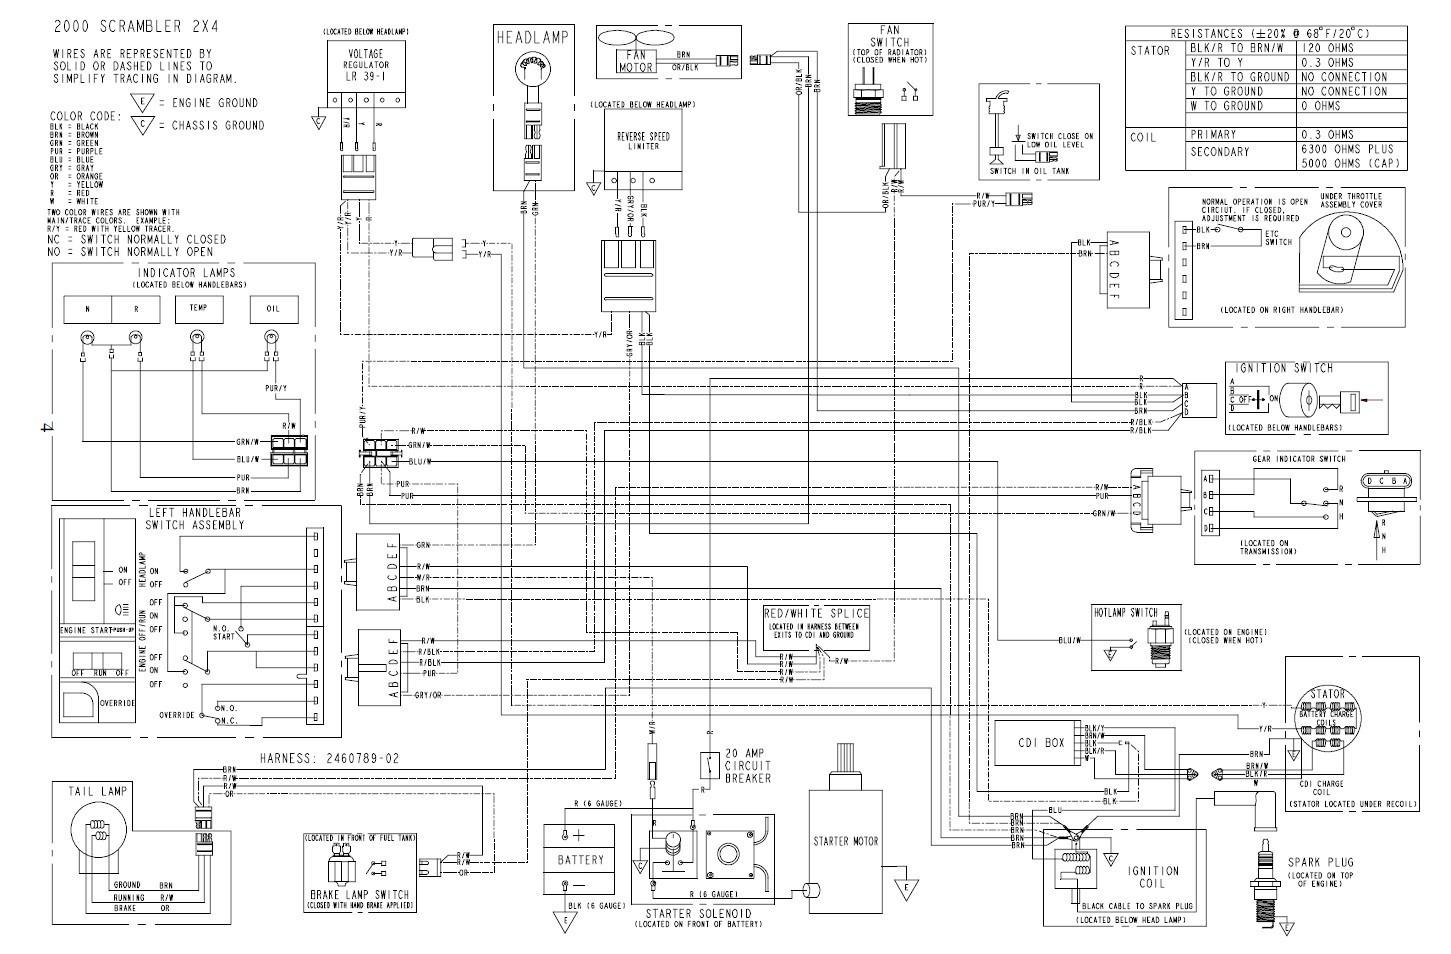 2003 Polaris Ranger Wiring Diagram Wire Center • Inspirational 2010 Polaris Ranger 800 Xp Wiring